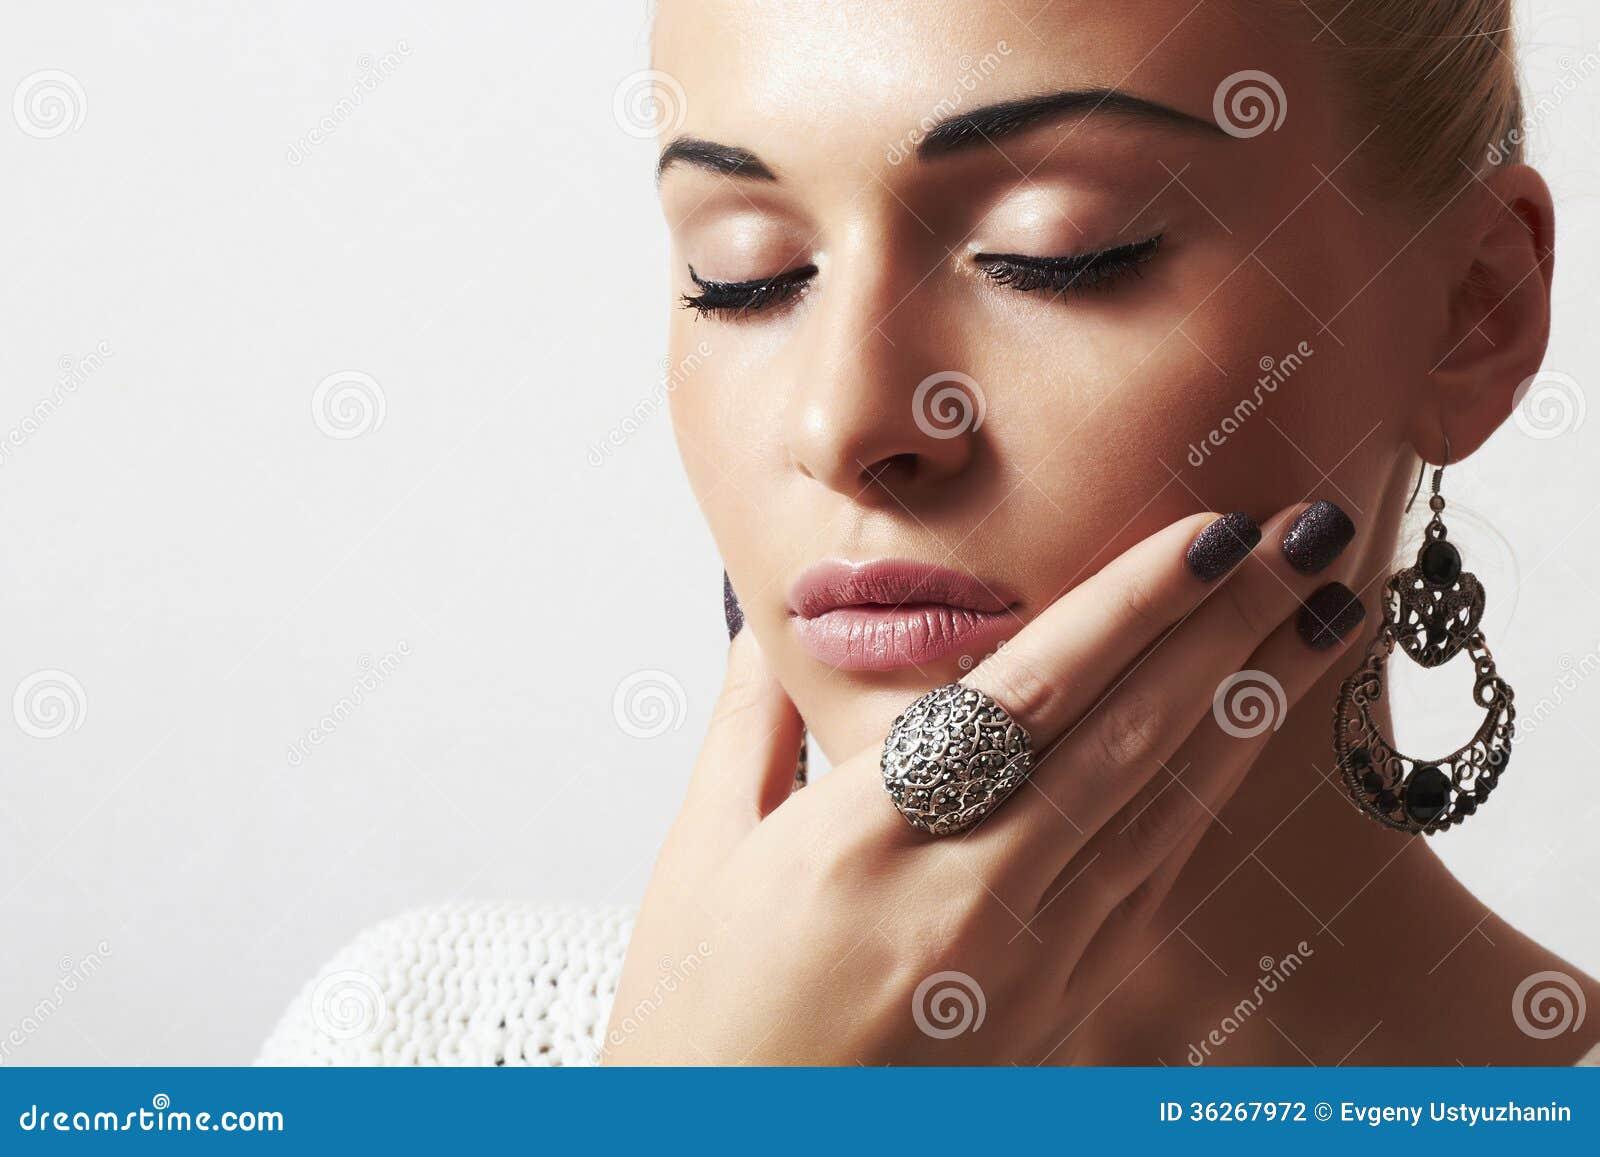 Mujer hermosa. Arena manicure.hairless de la joyería y de Beauty.girl.ornamentation.liquid